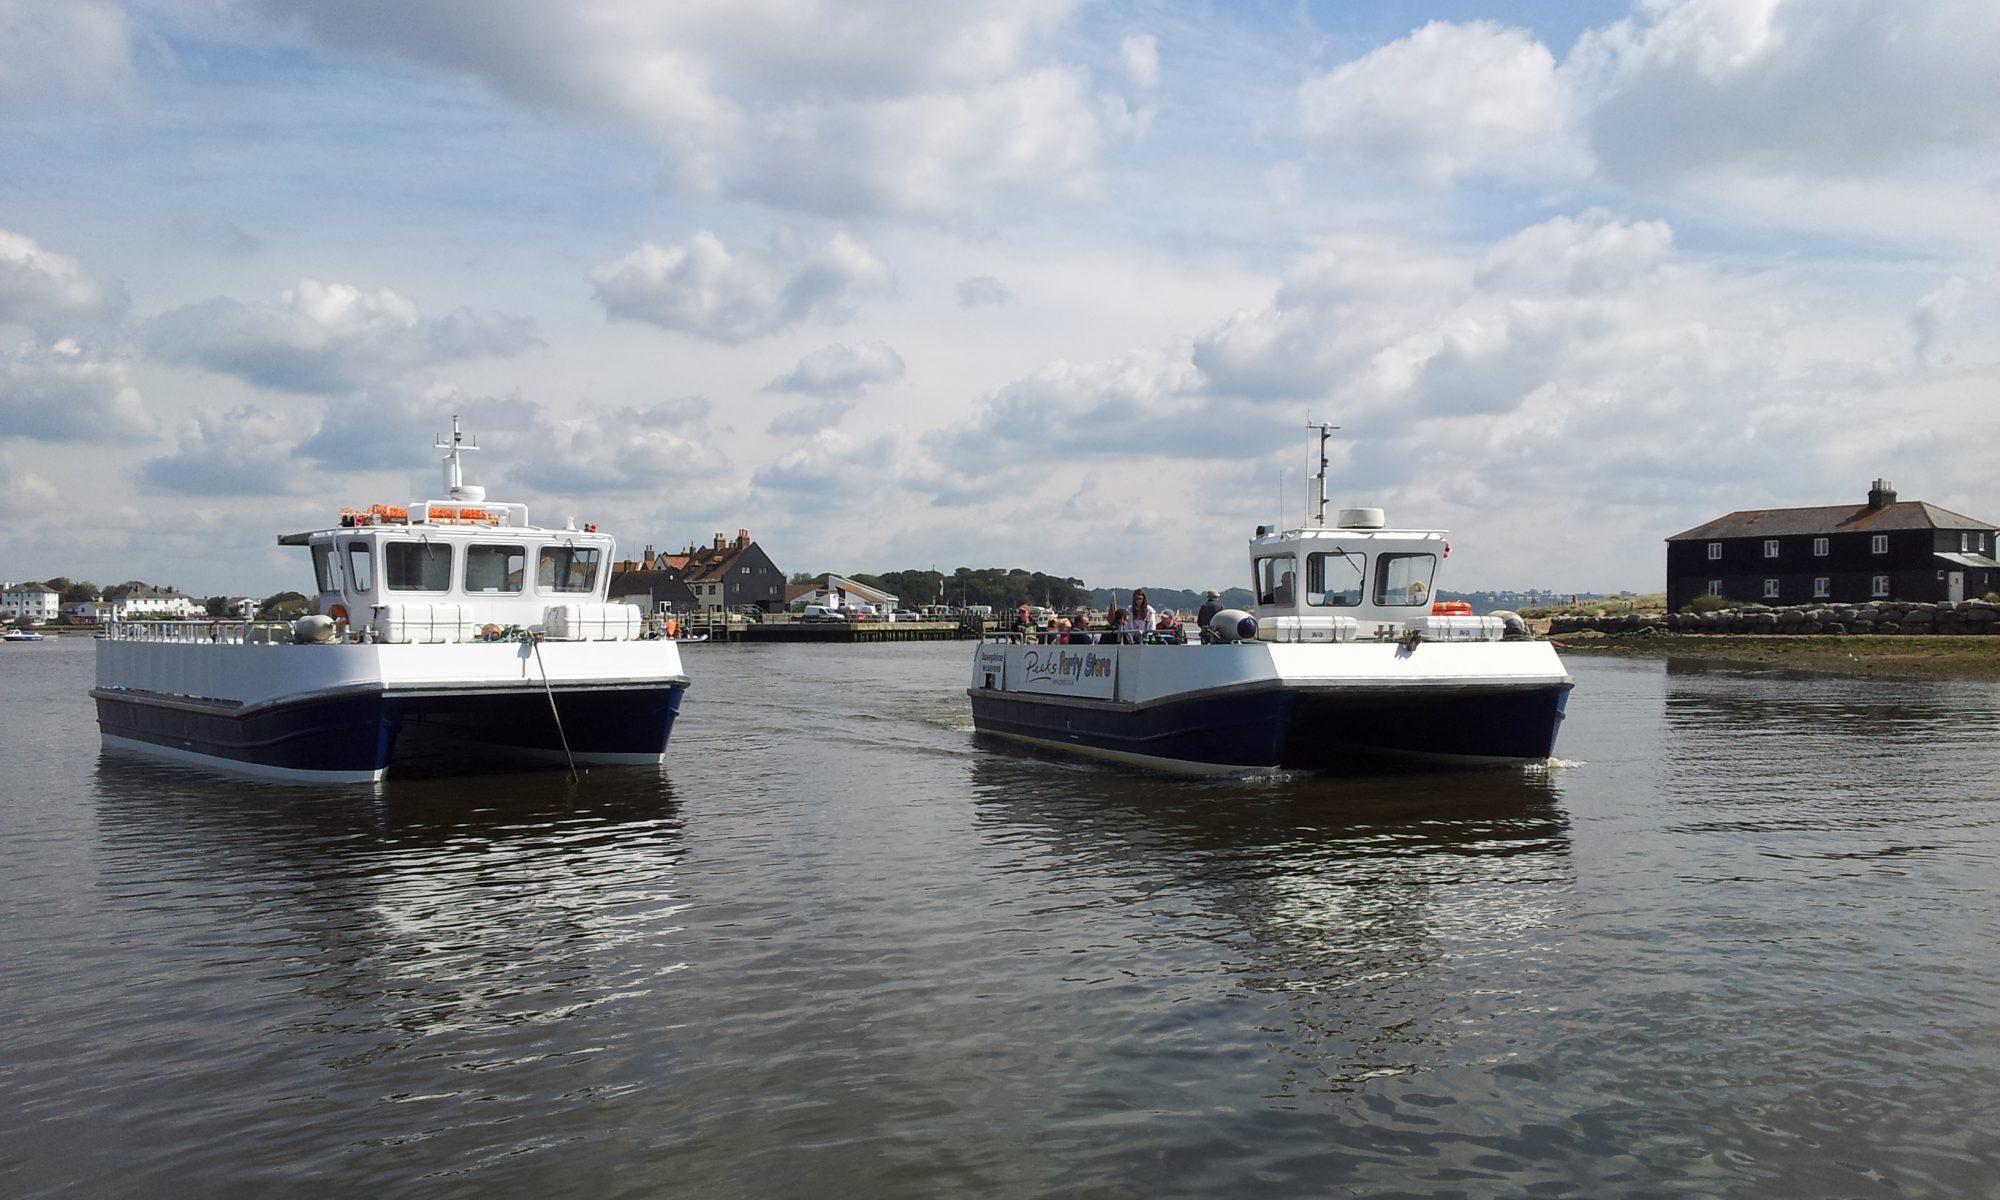 Mudeford Ferry